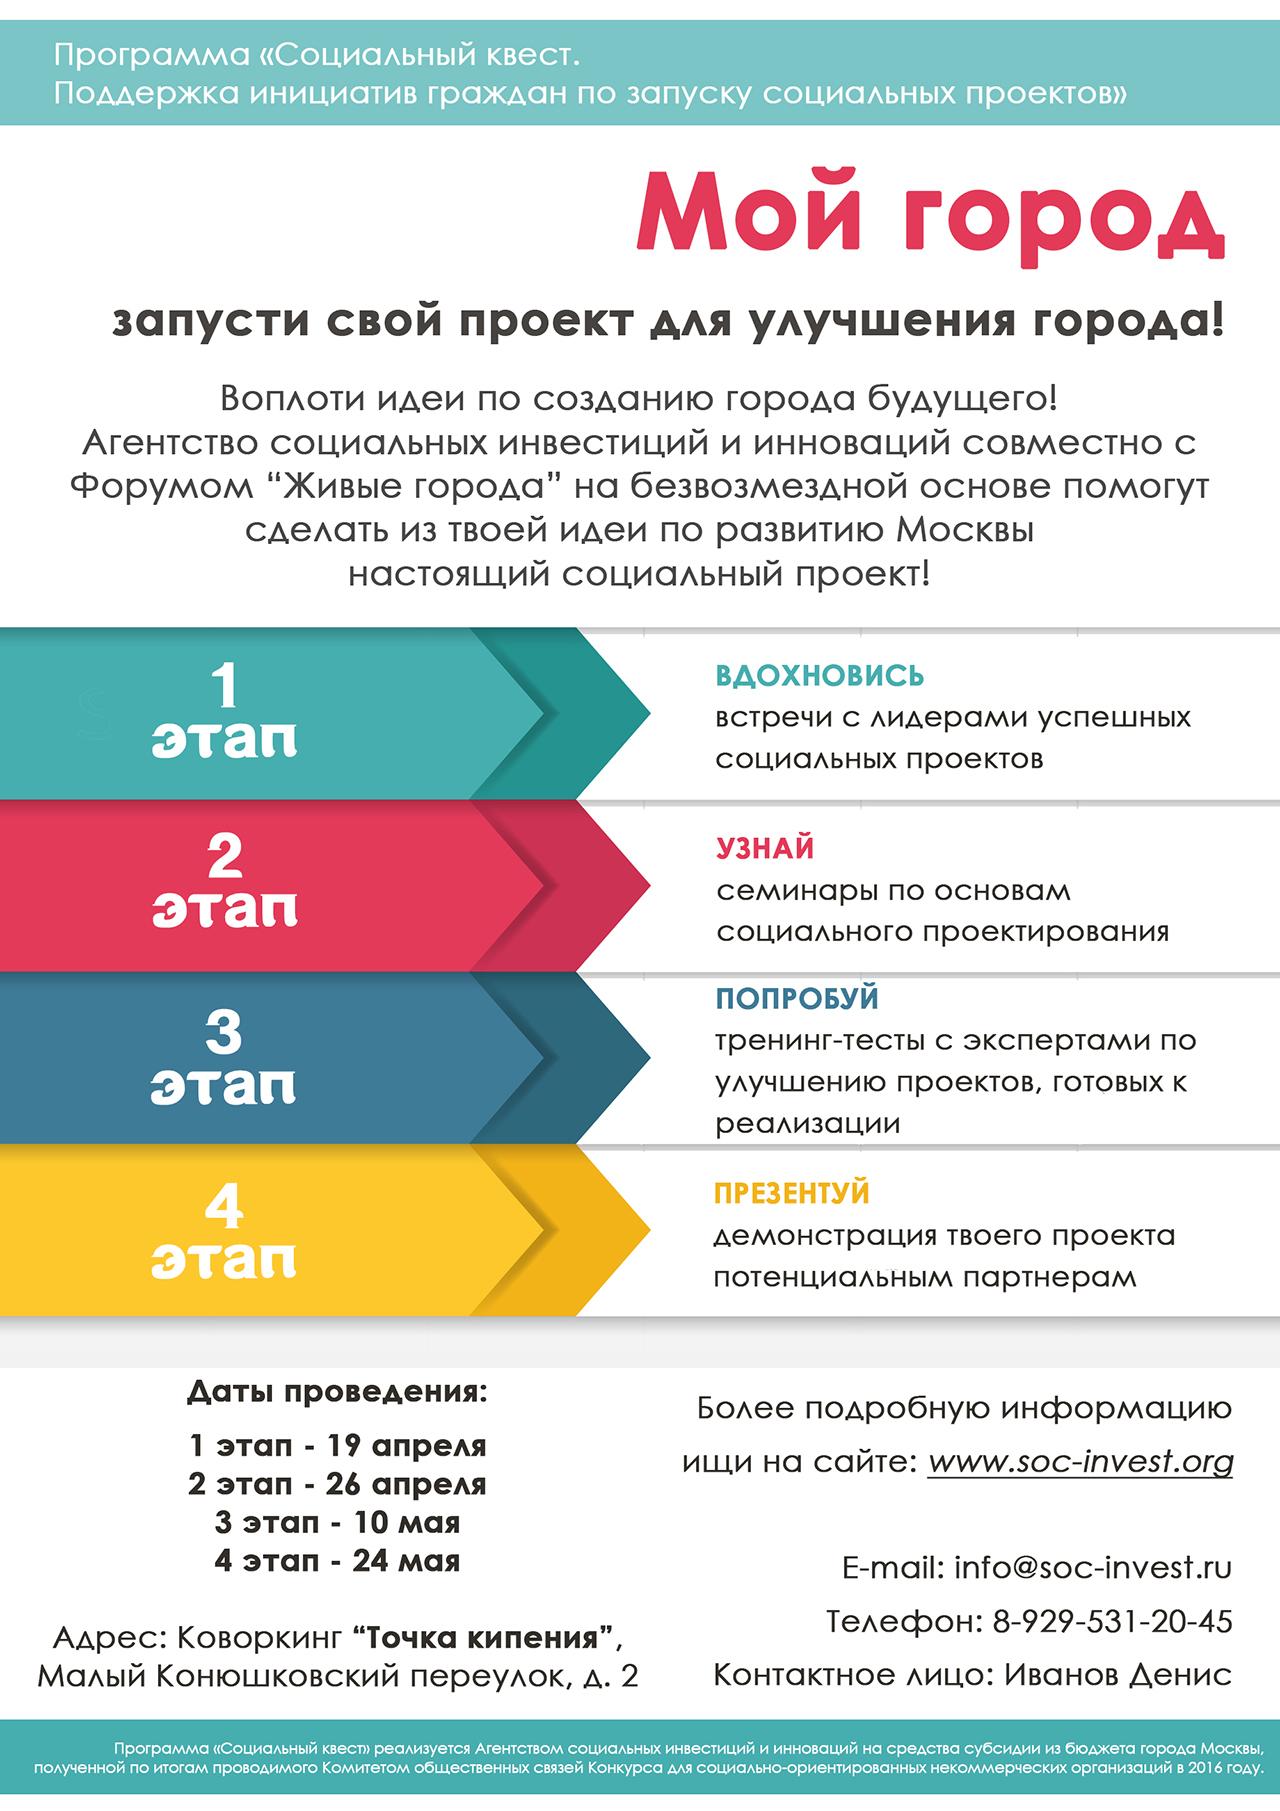 Идеи социальных проектов